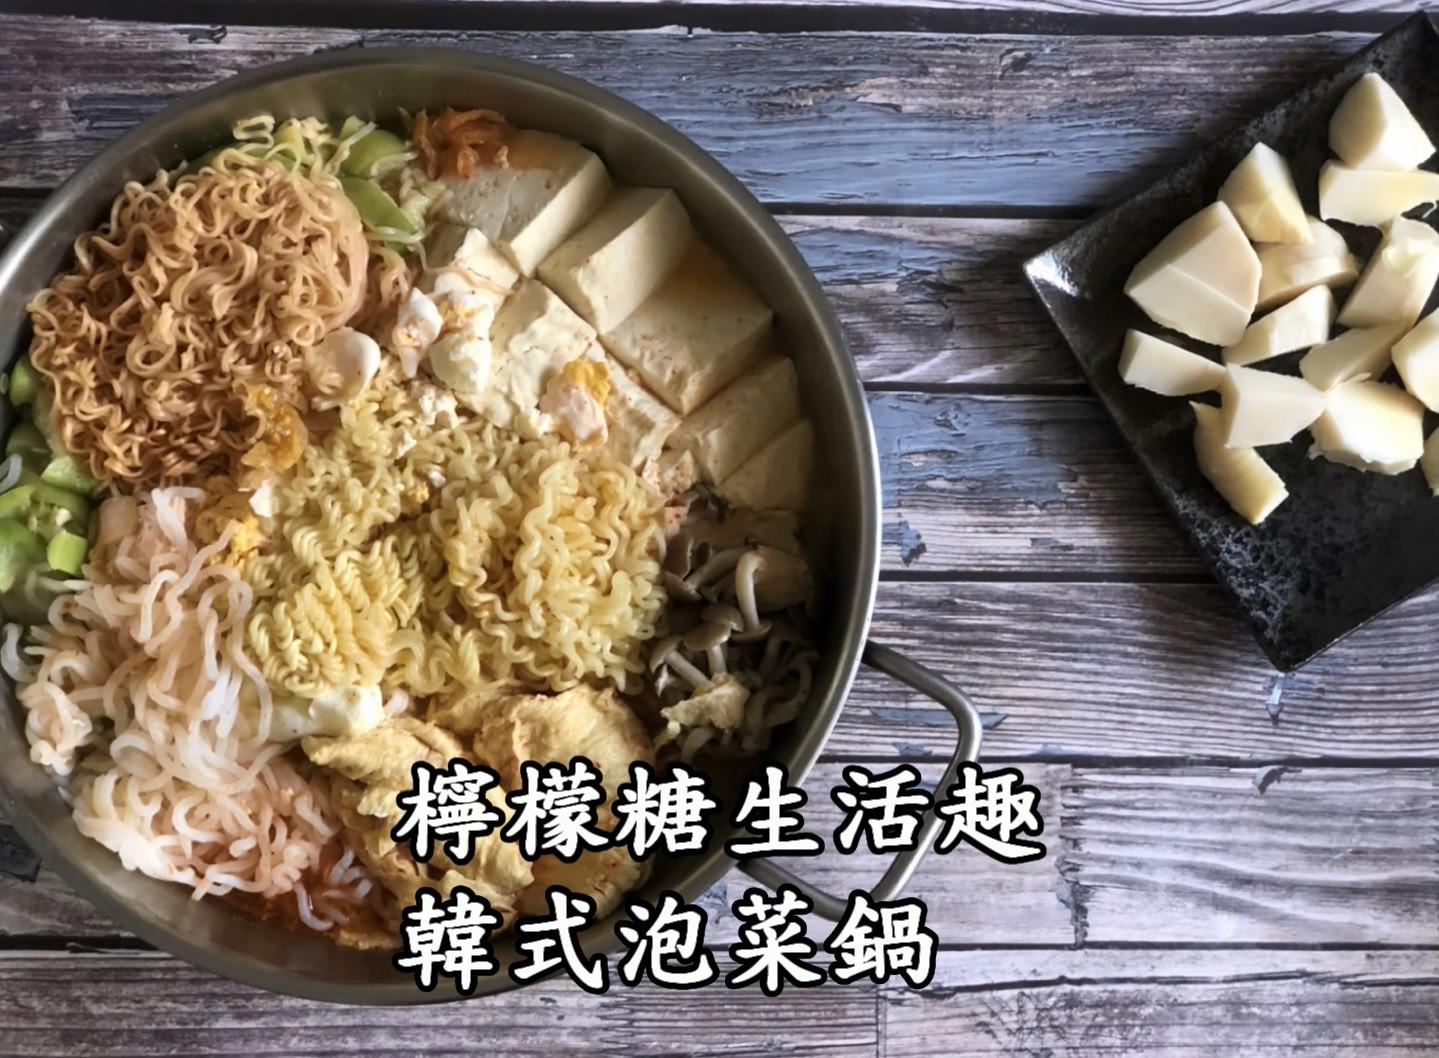 泡菜鍋。聽說韓國人煮泡菜鍋都要加這一罐⋯